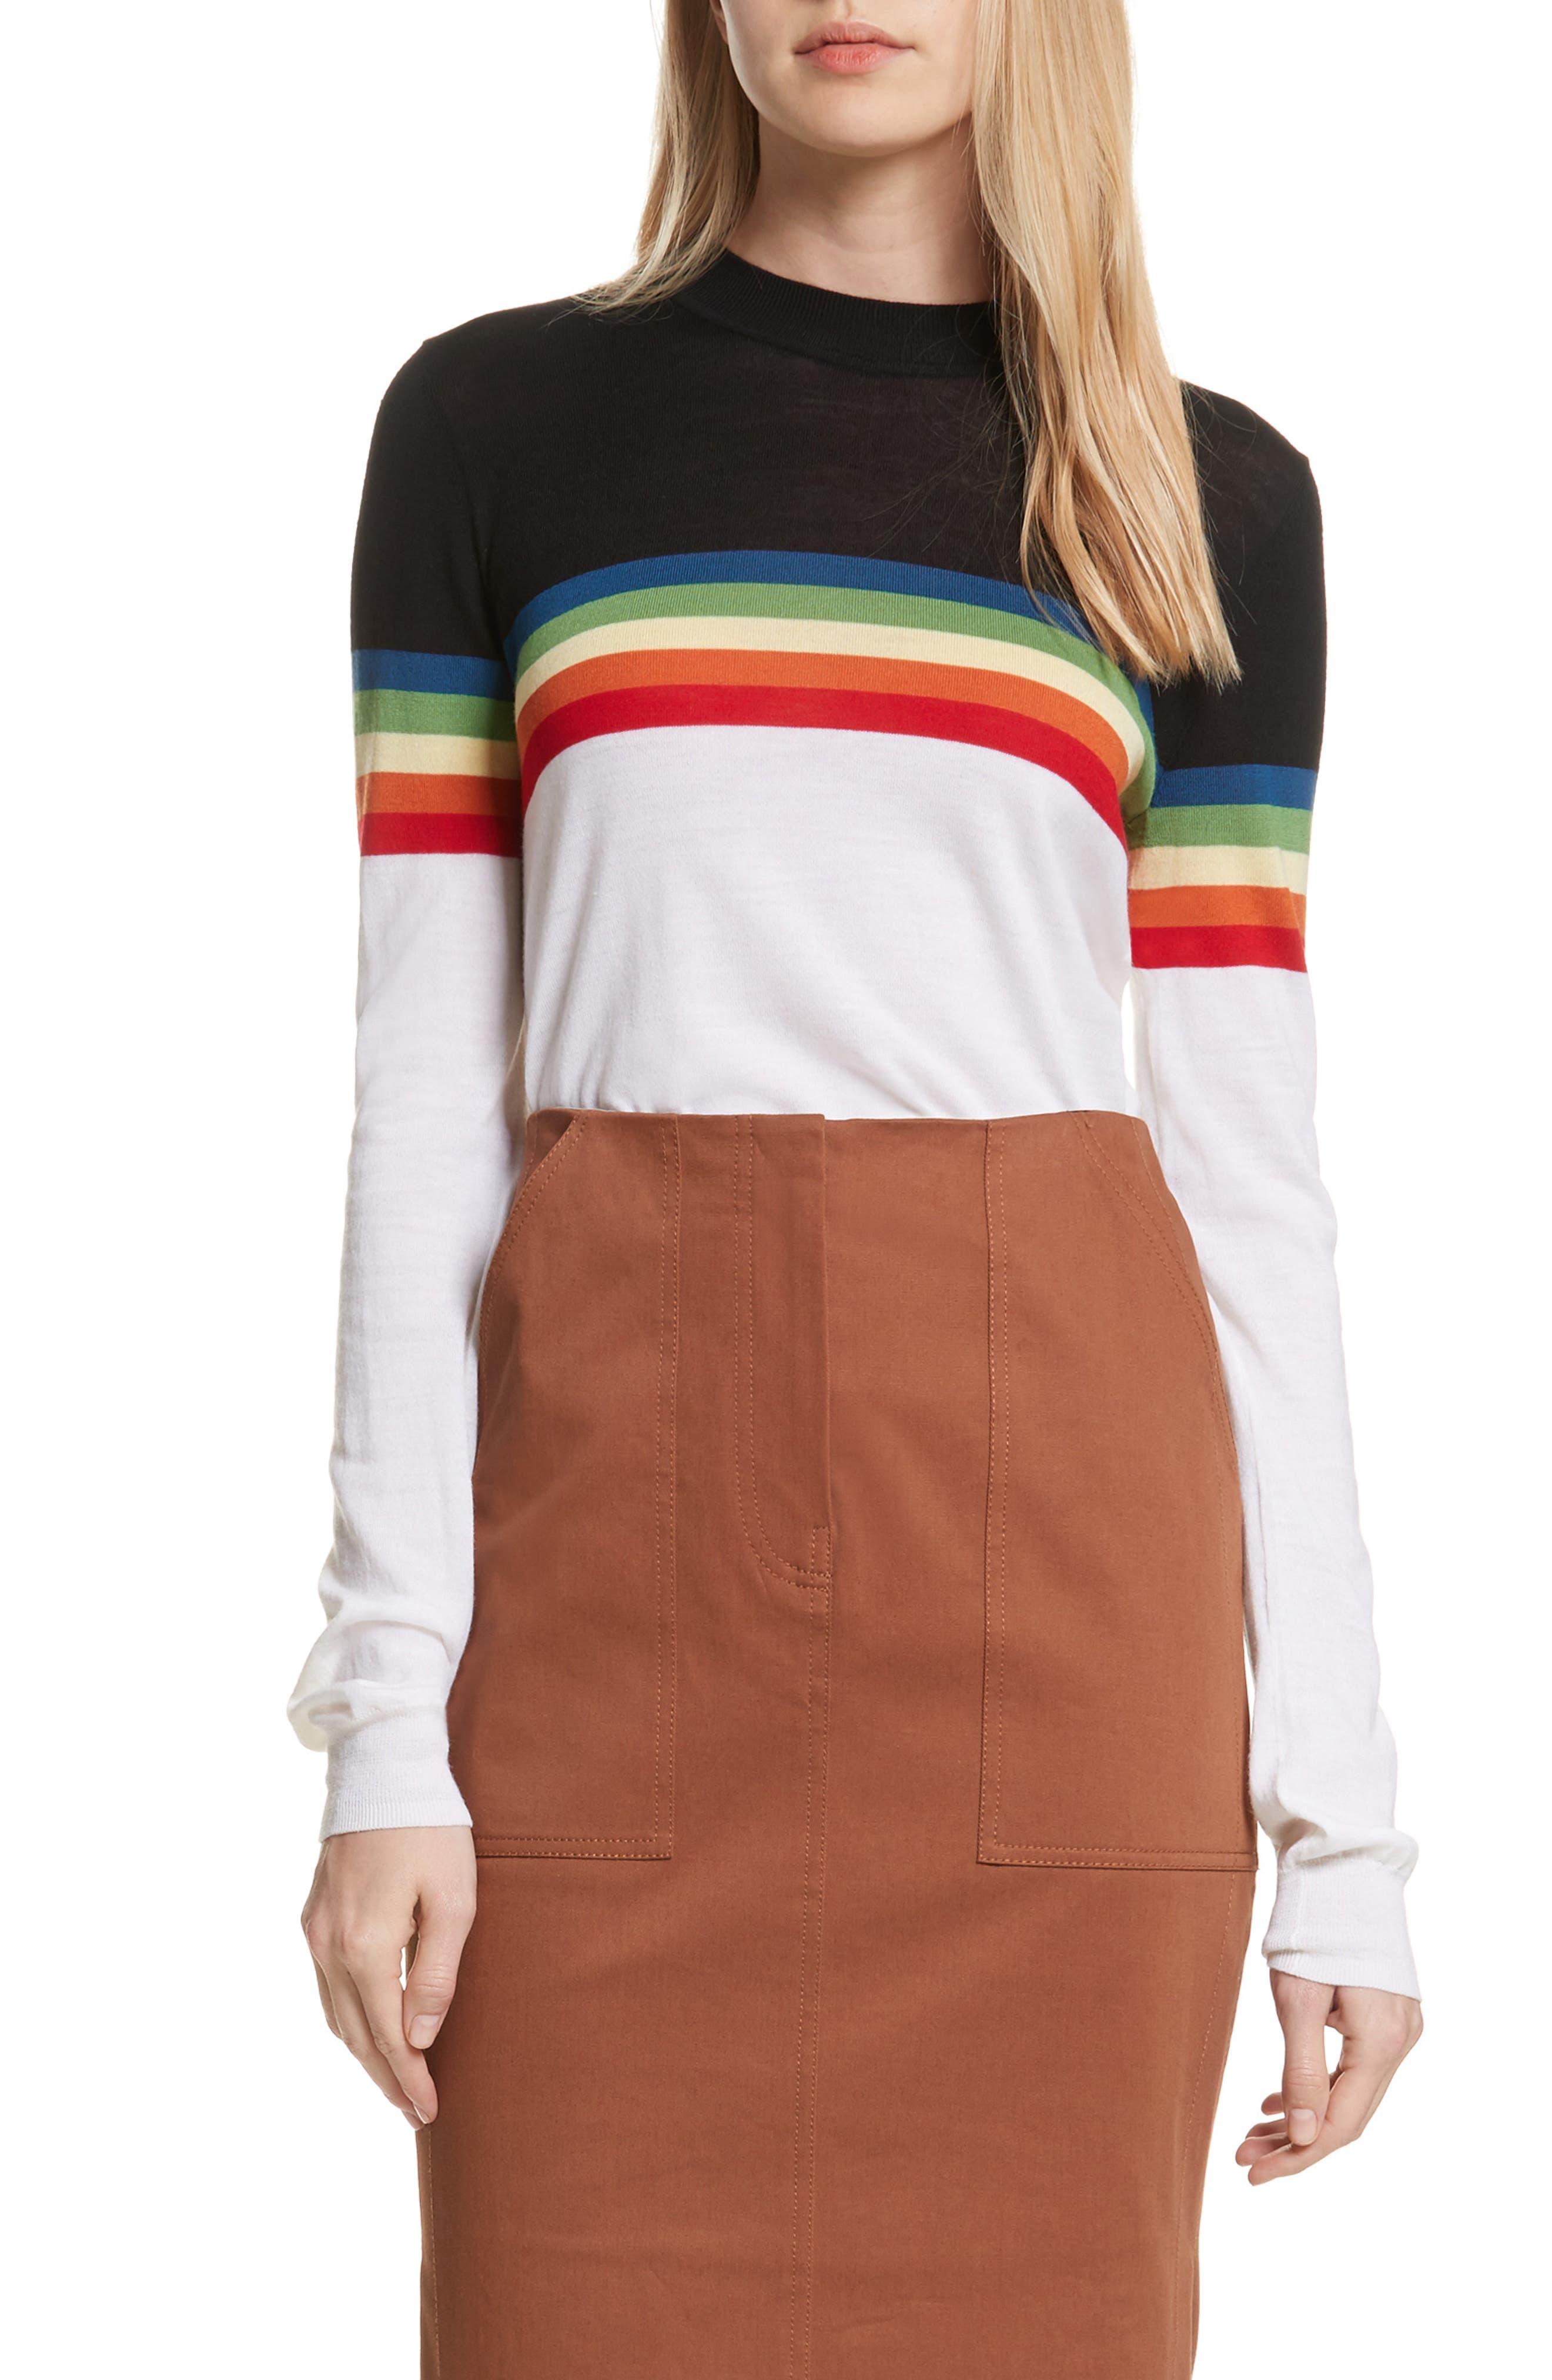 Diane von Furstenberg Rainbow Sweater